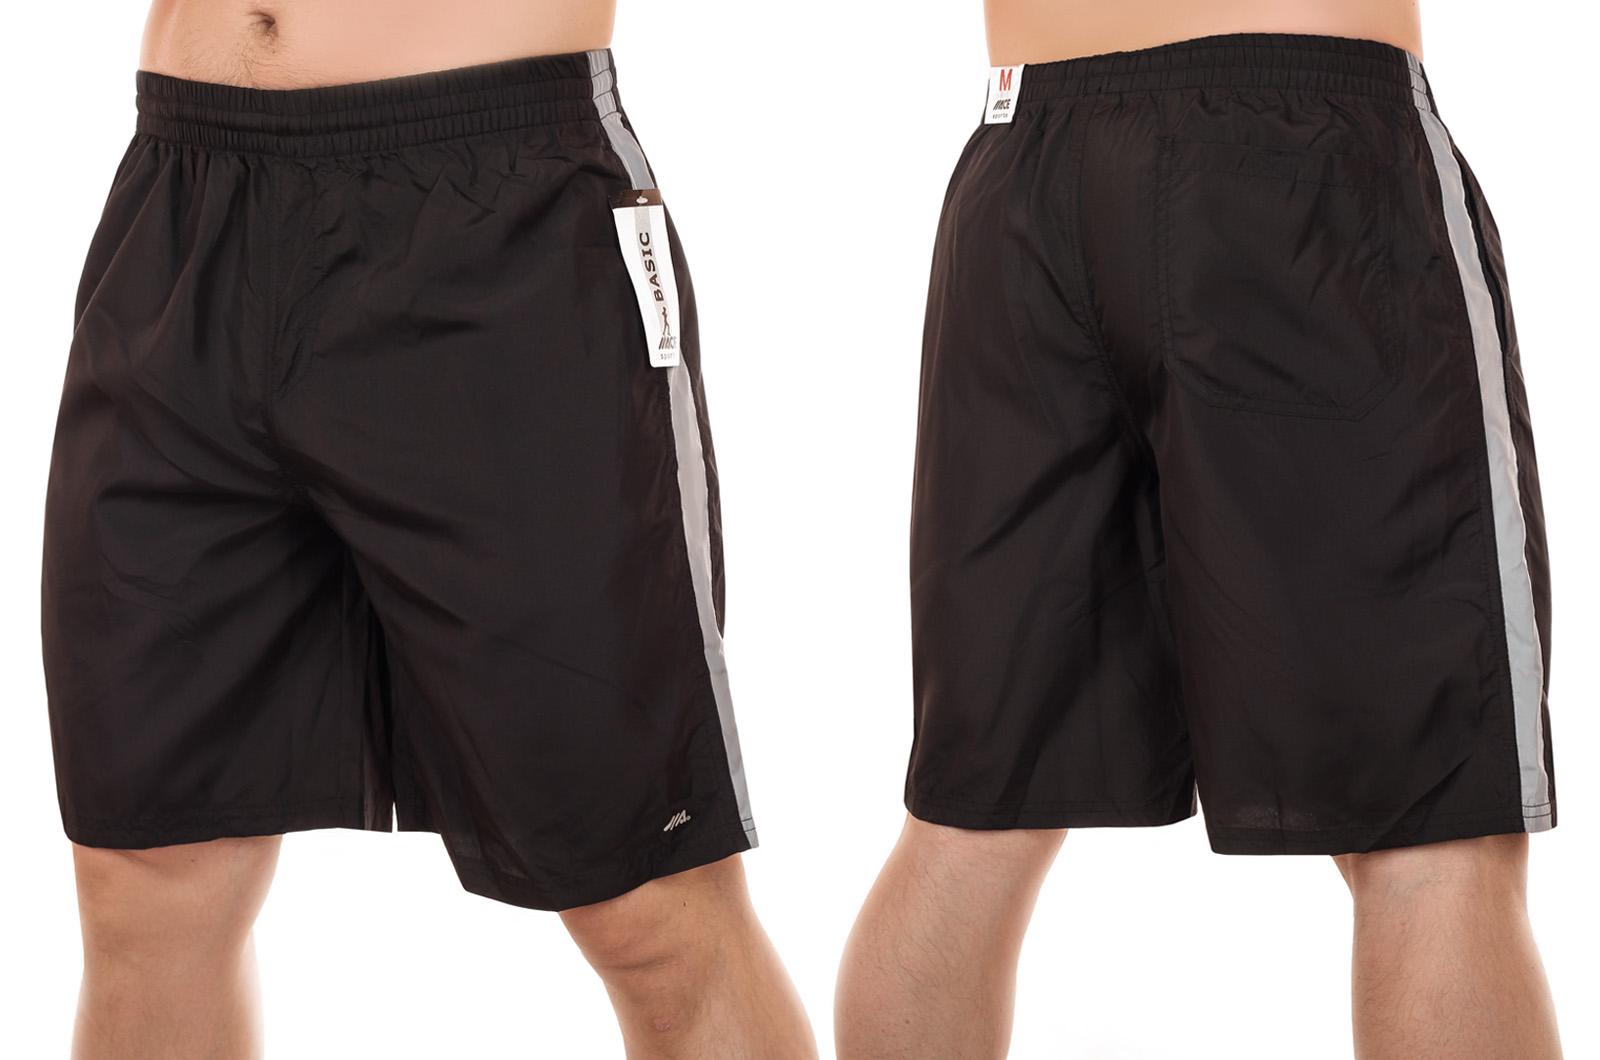 Заказать зачётные шорты пляжные для мужчин любого возраста от MACE (Канада)